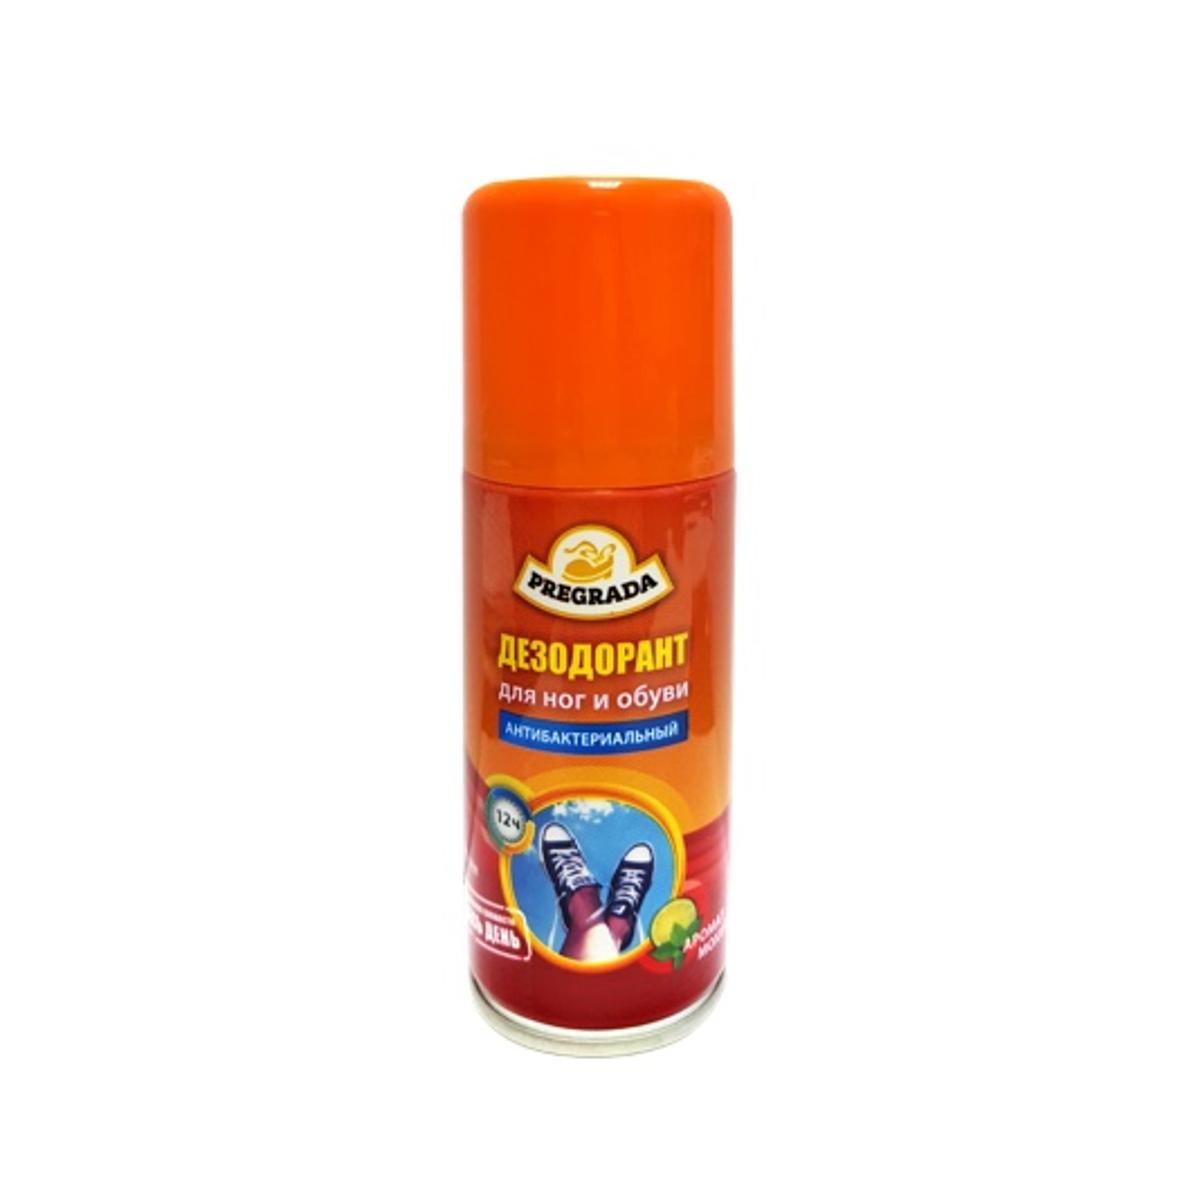 Аэрозоль дезодорант для ног и обуви Pregrada Защита от запаха54 159921Pregrada универсальный дезодорант для ног и обуви АНТИБАКТЕРИАЛЬНЫЙ 100мл с приятным запахом мохито превосходно нетрализует неприятные запахи. Обеспечивает защиту ног и обуви от запаха на целый день! Противомикробное действие компонентов защищает от возникновения грибковых инфекций. Идеально подходит для занятий спортом и активного отдыха.Способ применения: Перед употреблением встряхнуть баллон . Распылять на чистую и сухую кожу стоп. Уделите особое внимание местам между пальцами ног, где расположены источники пота. Распылить на внутреннюю поверхность обуви, дать высохнуть. Рекомендуется повторять процедуру до и после ношения. Меры предосторожности:Беречь от детей! Огнеопасно! Хранить в сухом прохладном месте вдали от прямых солнечных лучей. Состав: пропан, бутан, изобутан , растворитель ,пропиленгликоль, триклозан ,парфюмерная композиция